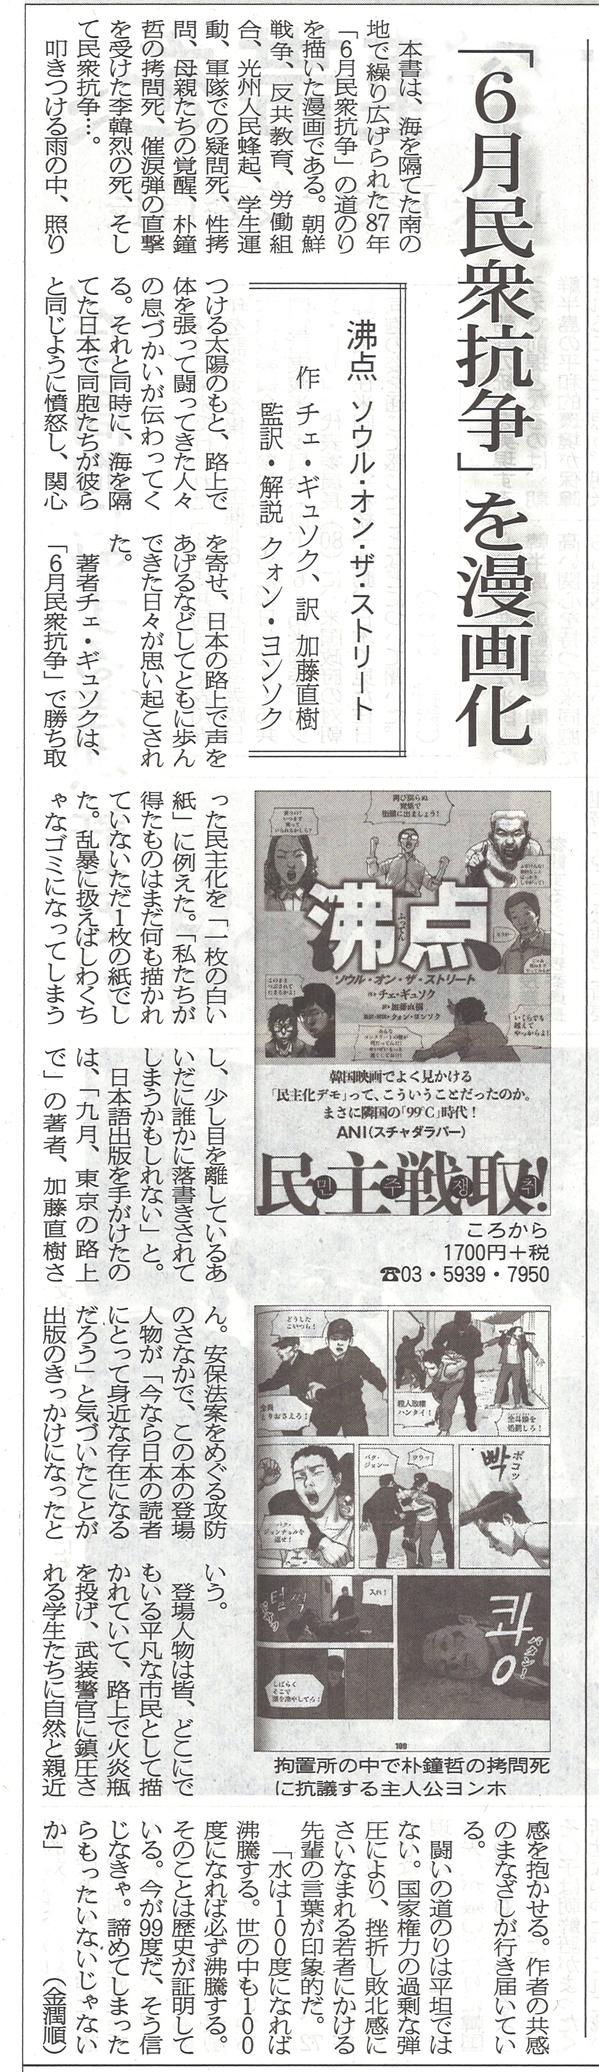 朝鮮新報2016年6月27日.jpg